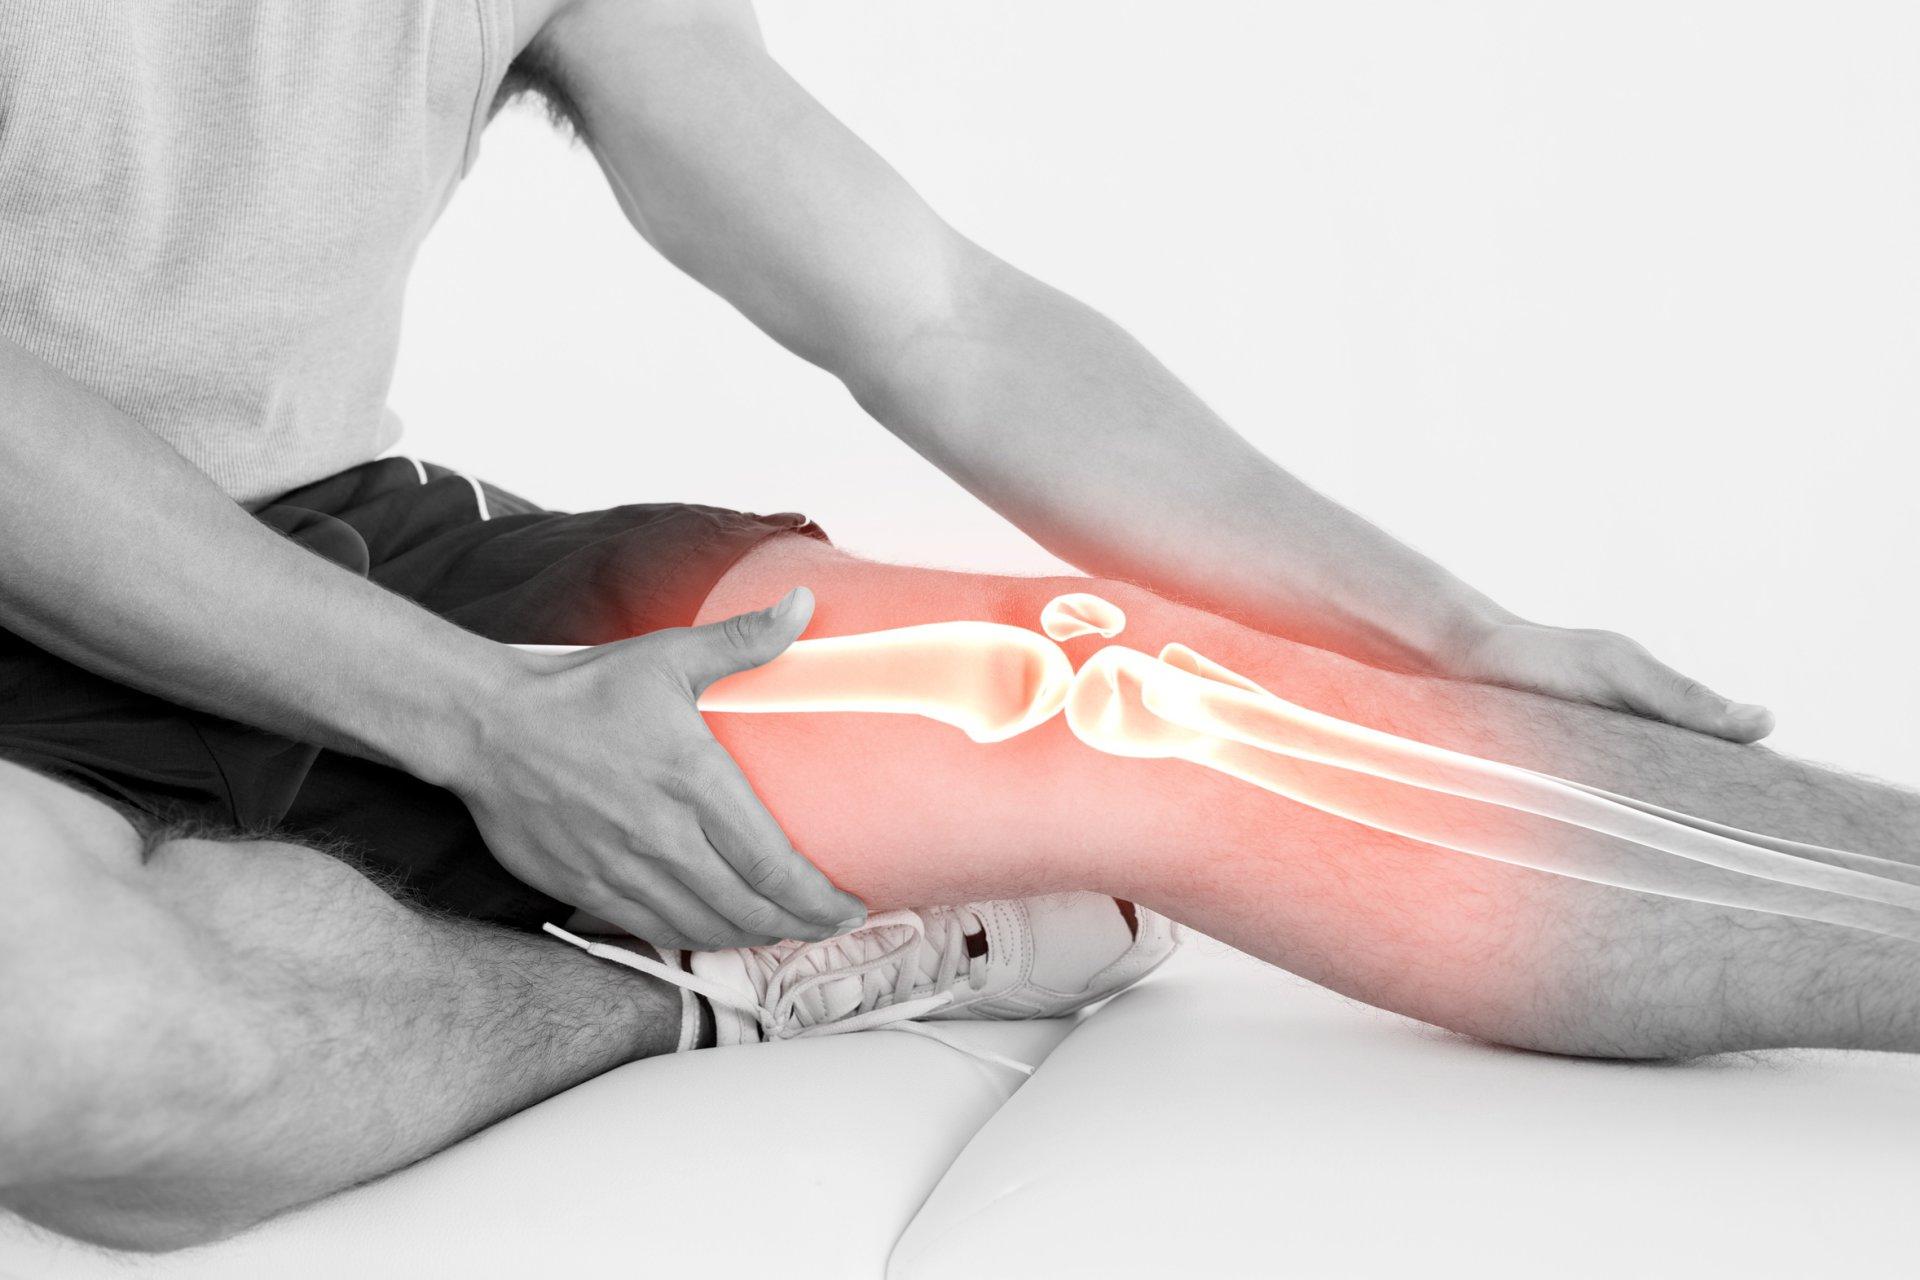 suklijuoja bendrą liga riešo kaulai